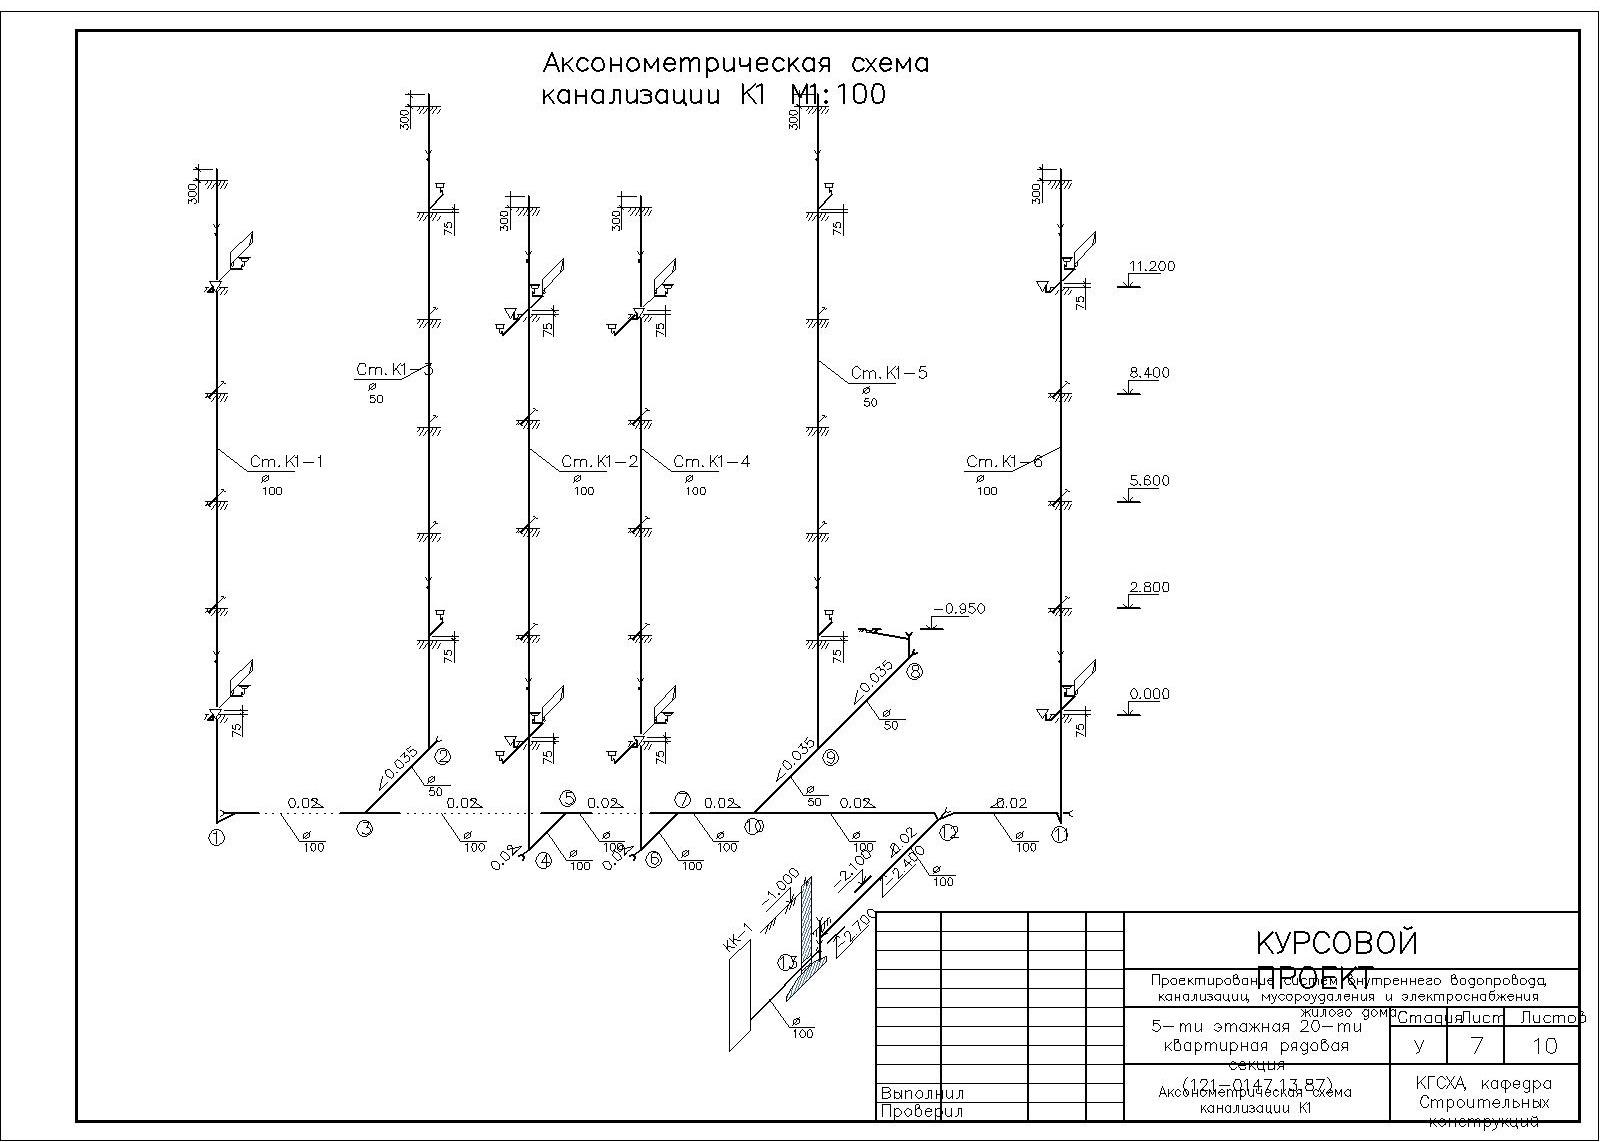 Аксонометрическая схема отопления и вентиляции